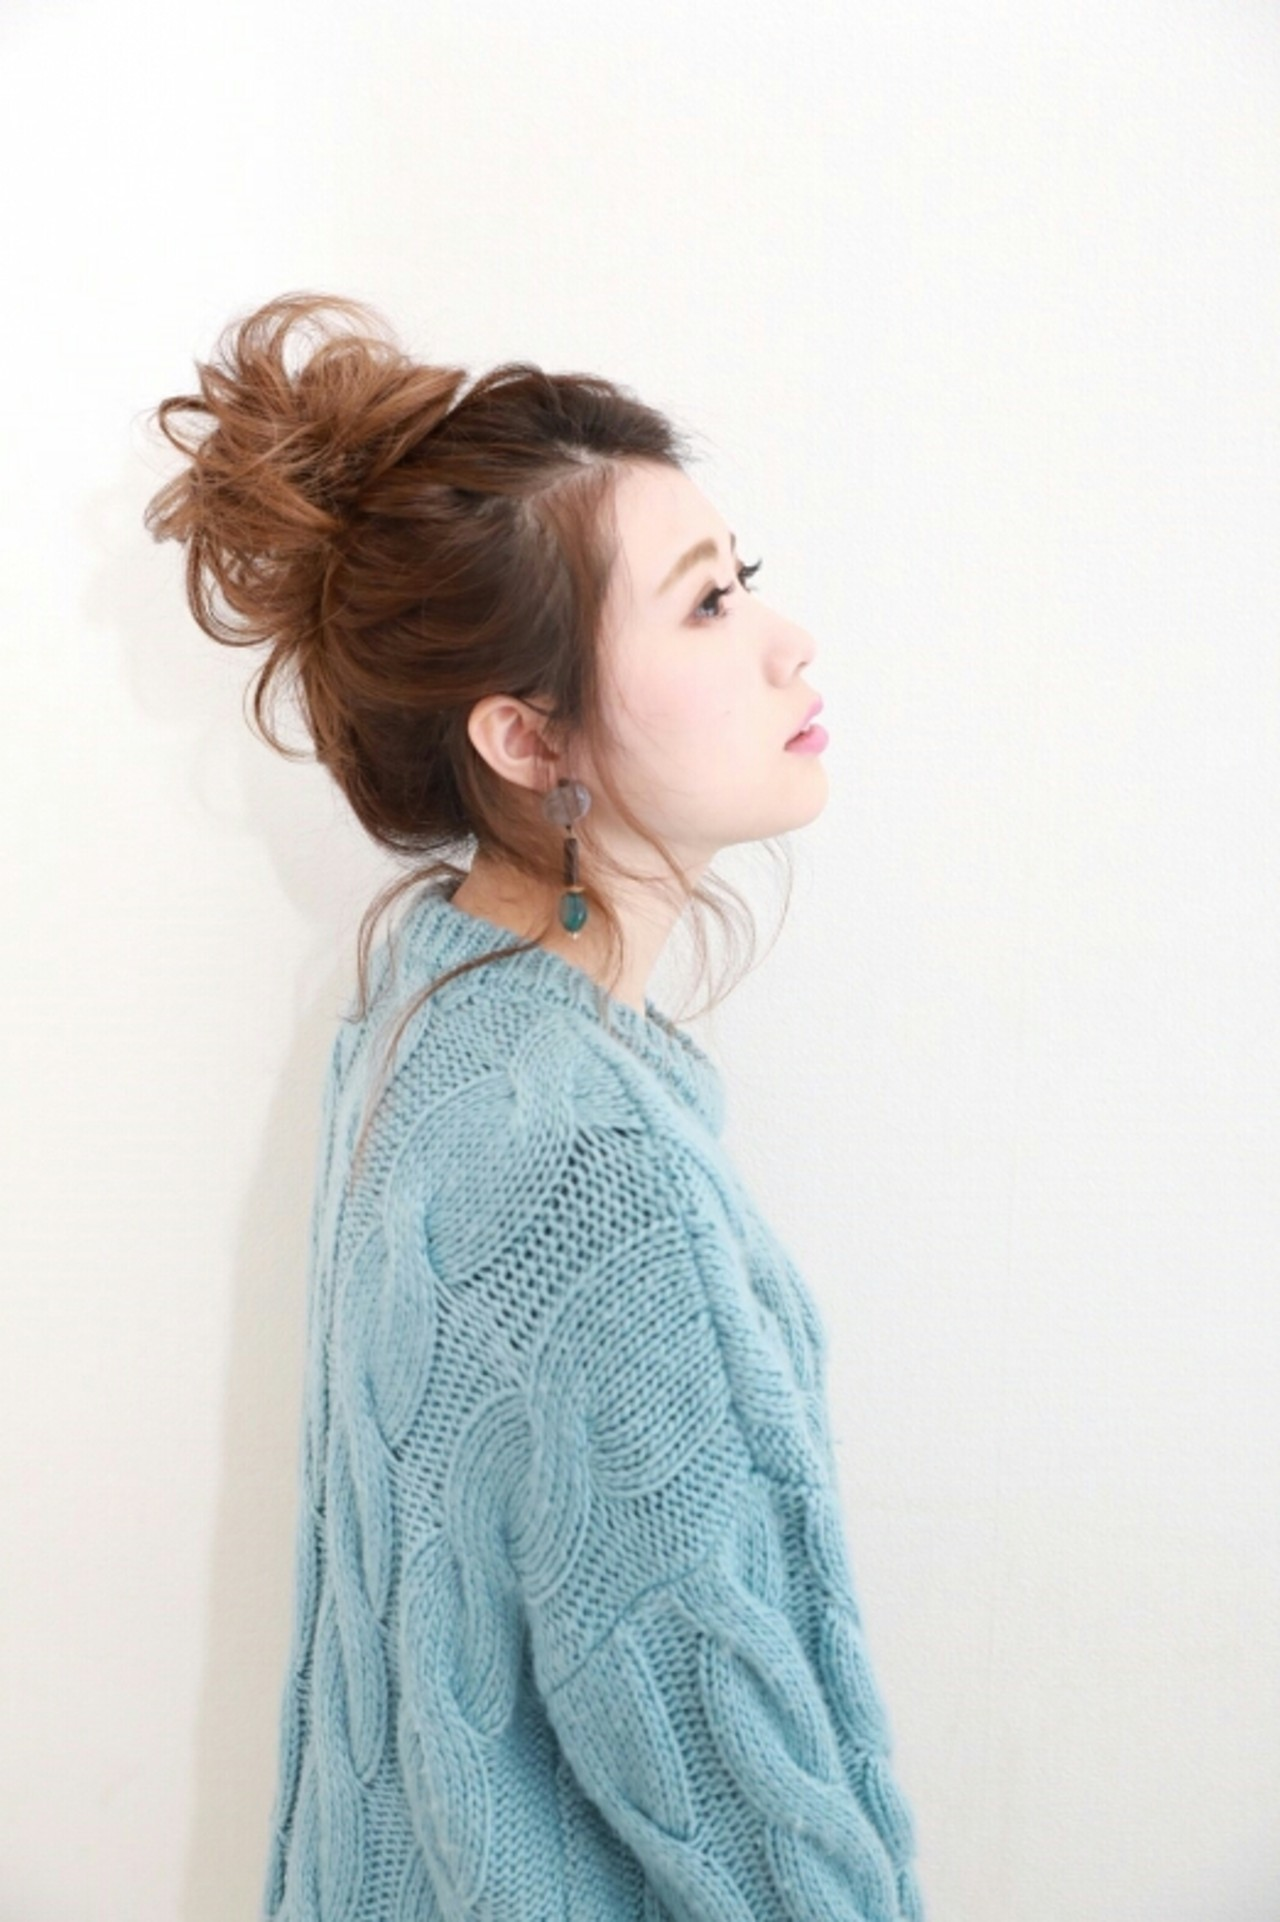 ヘアアレンジ ガーリー ゆるふわ 大人女子 ヘアスタイルや髪型の写真・画像 | Naoko Miura / avant